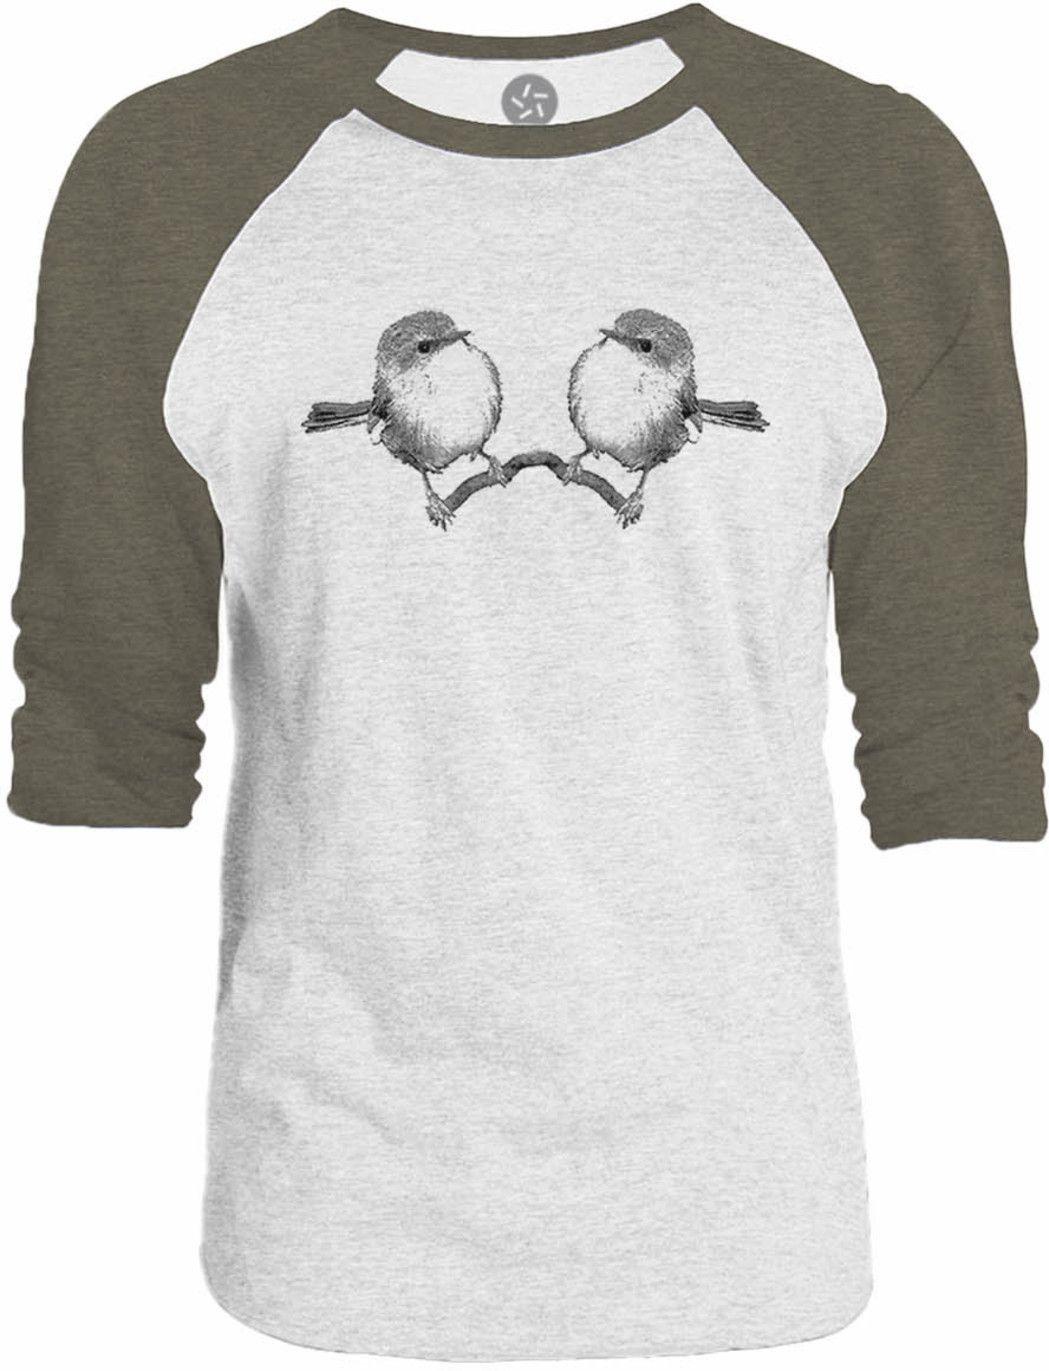 Big Texas Sparrow Mirror 3/4-Sleeve Raglan Baseball T-Shirt